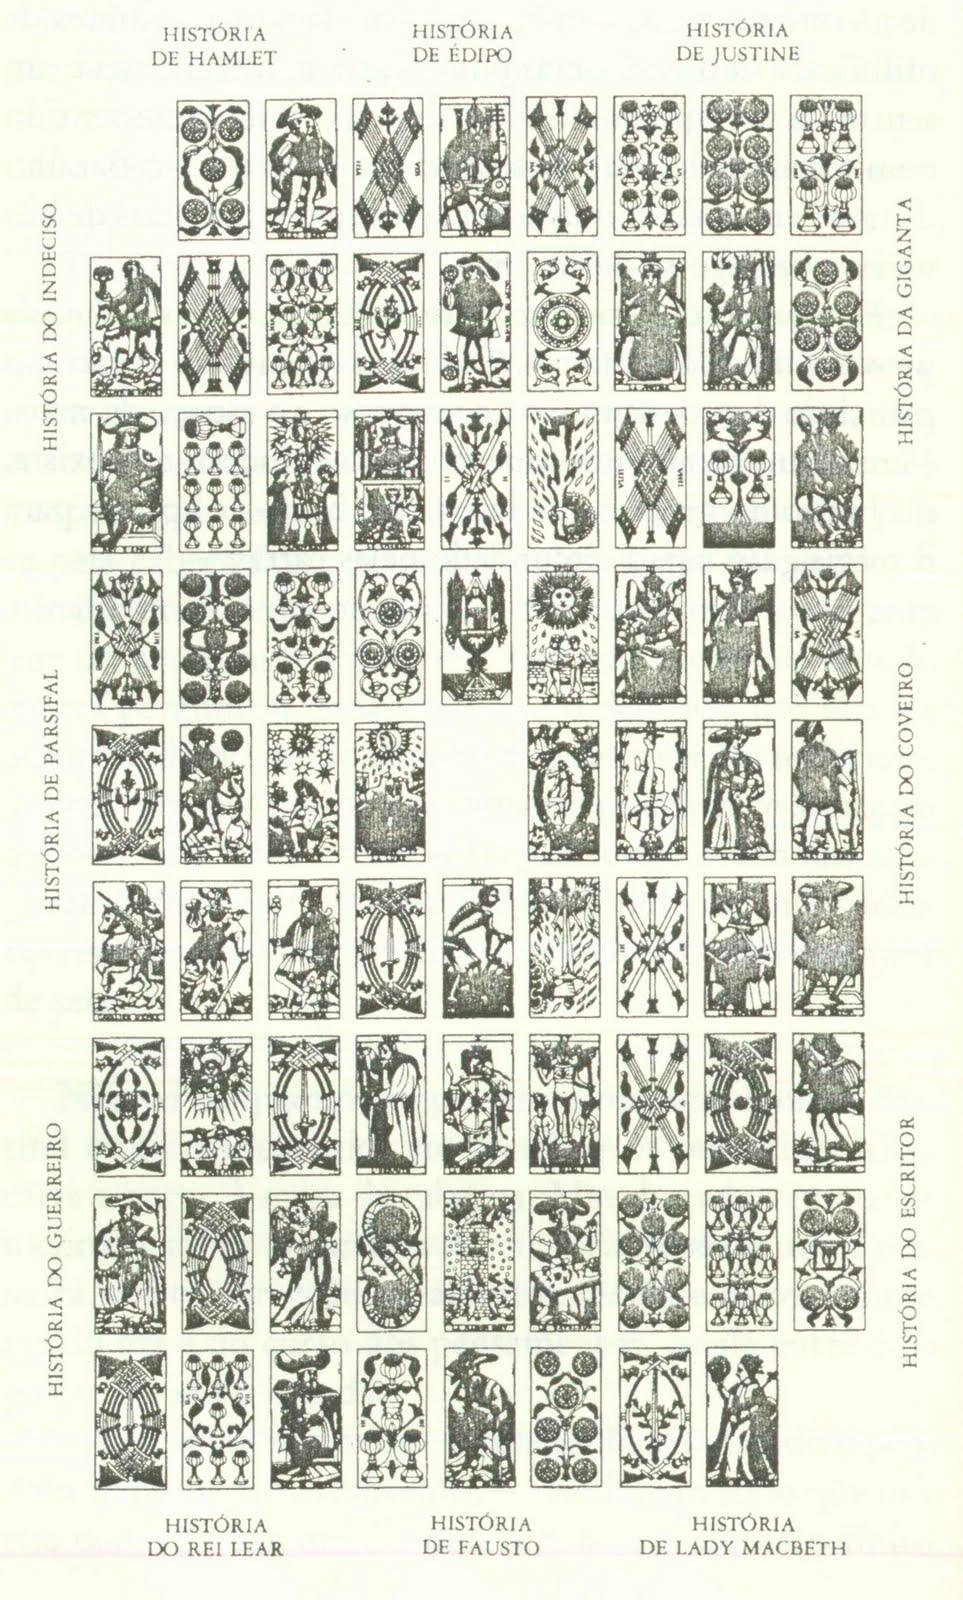 Deuses modernos: Qfwfq e o conhecimento através experiência humana